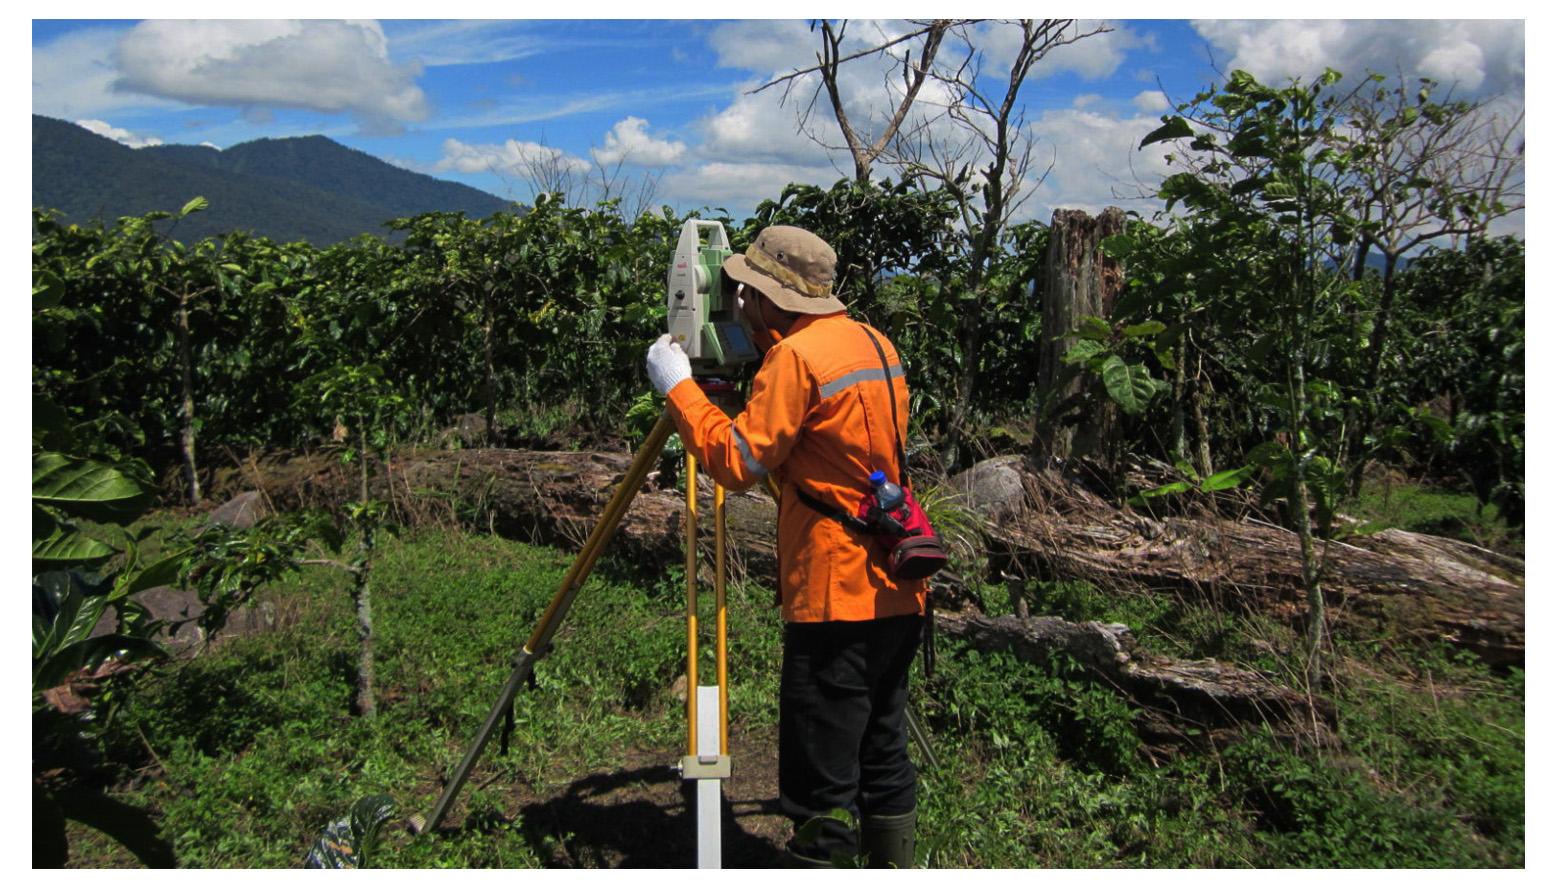 Jasa Pemetaan / Pengukuran & Topografi di Palembang